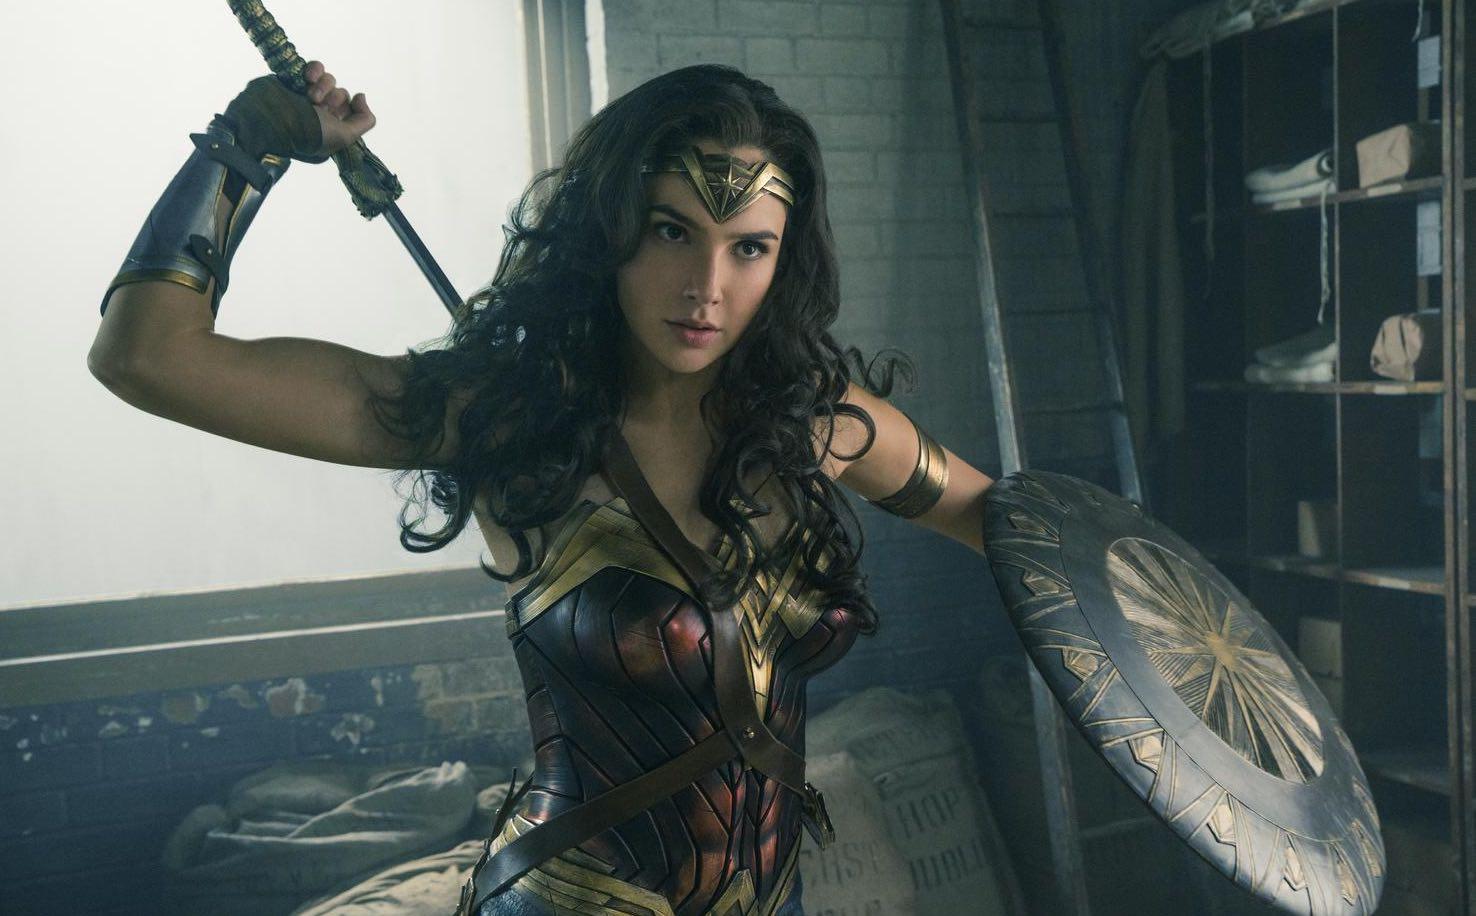 'La mujer maravilla' y otros increíbles estrenos de Netflix en junio